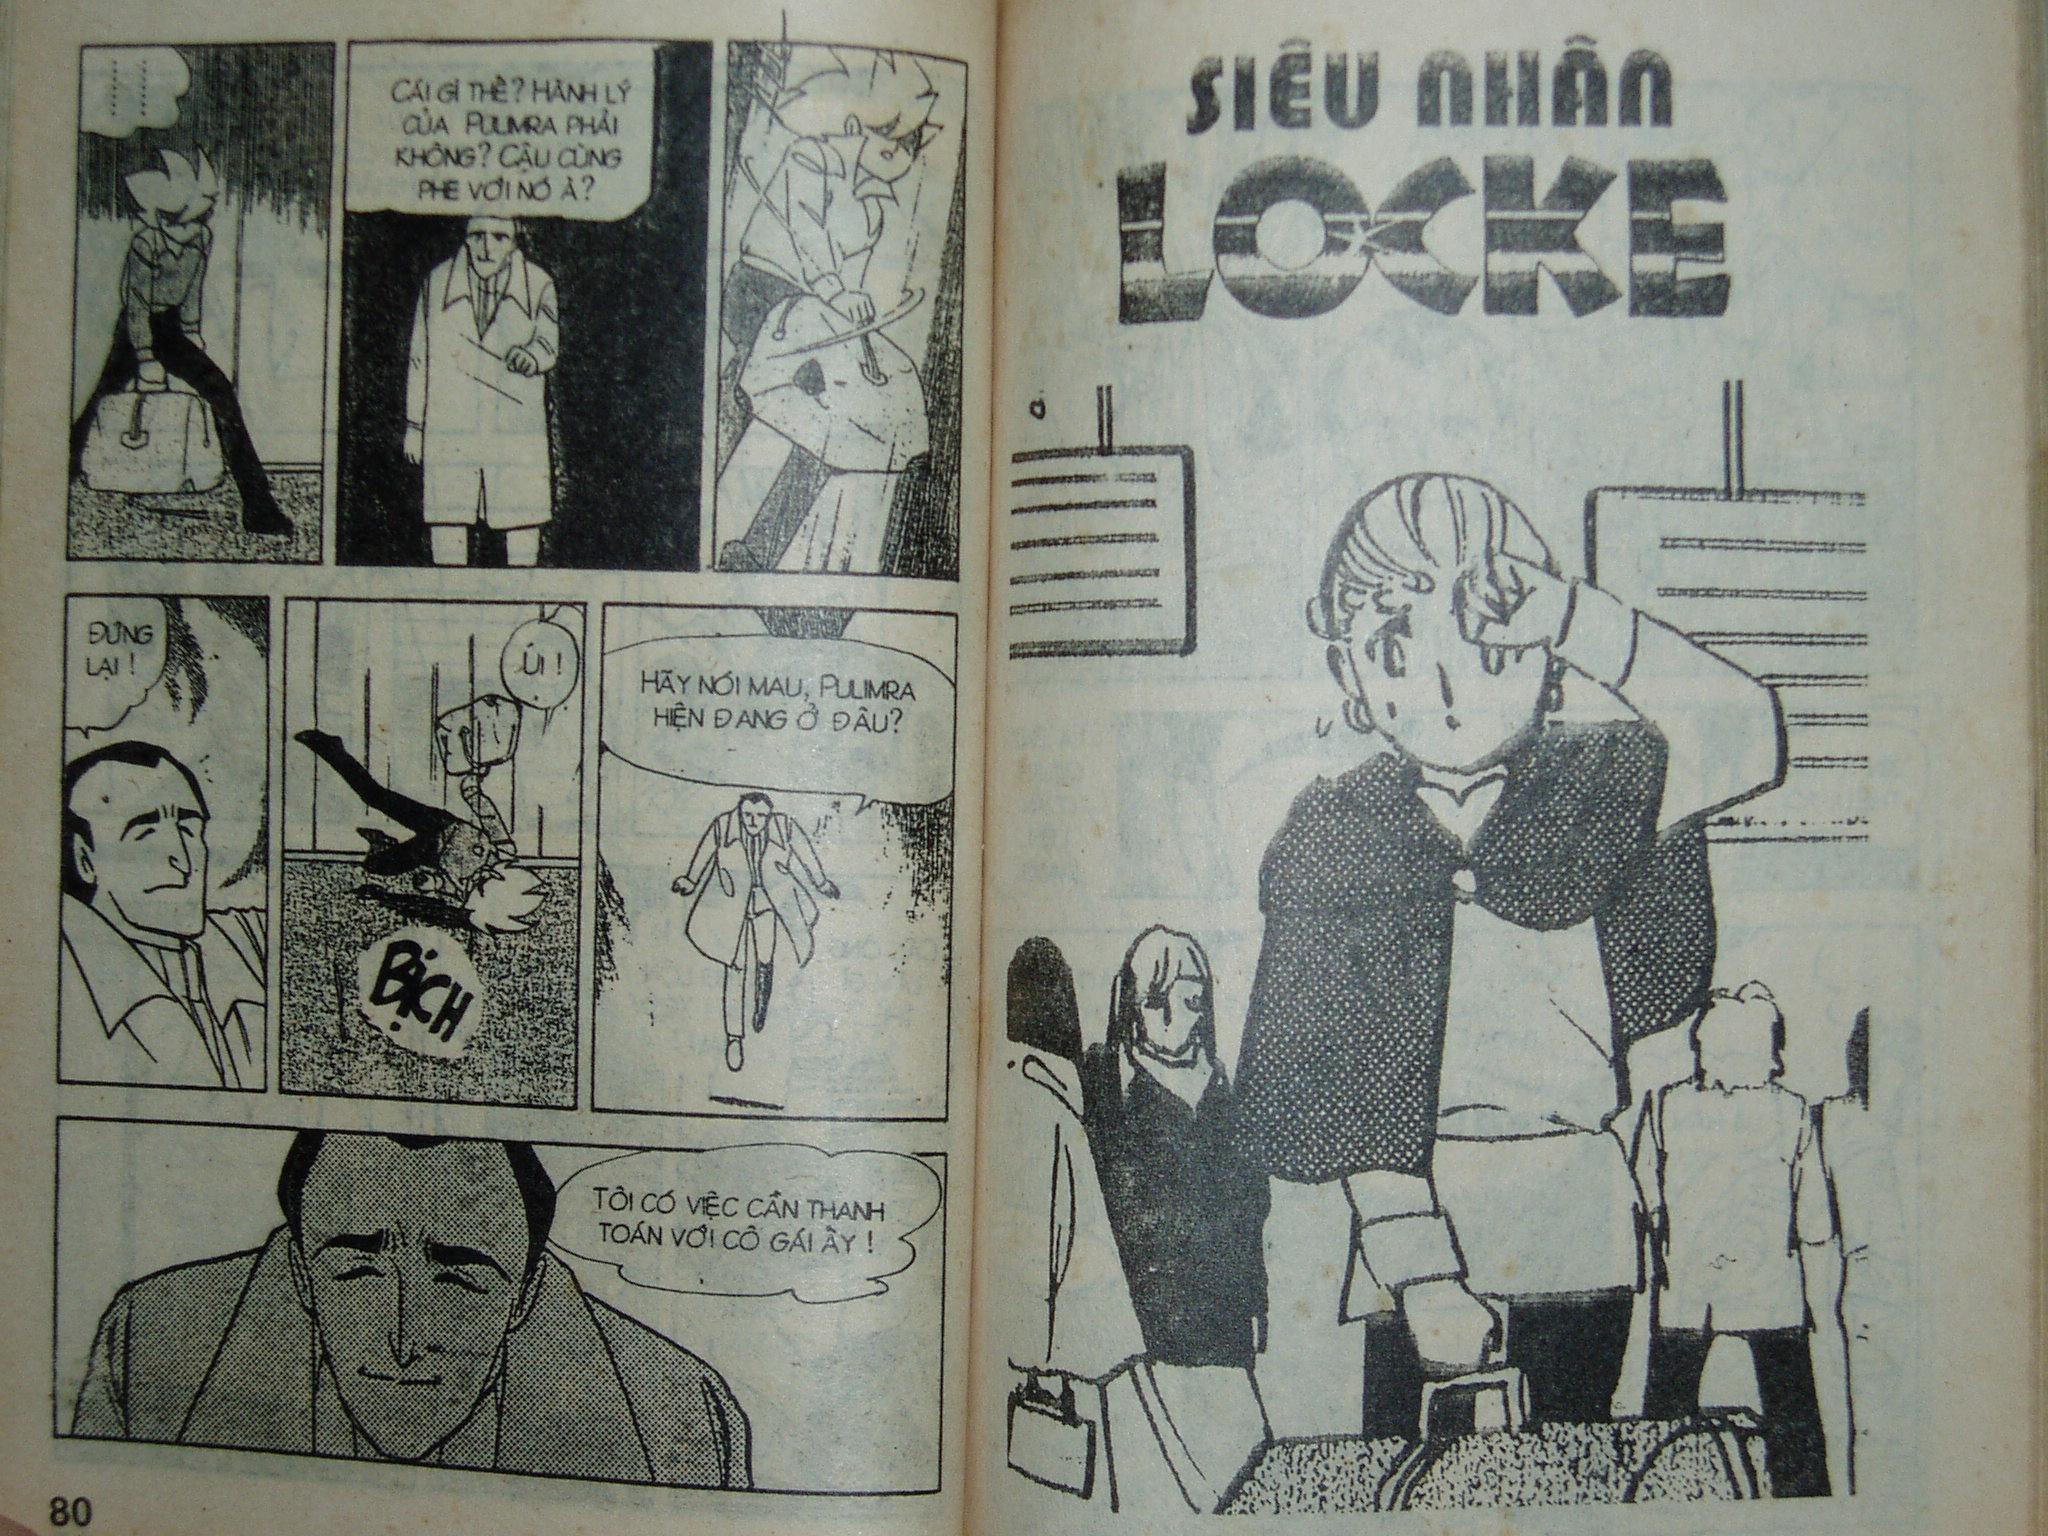 Siêu nhân Locke vol 16 trang 39